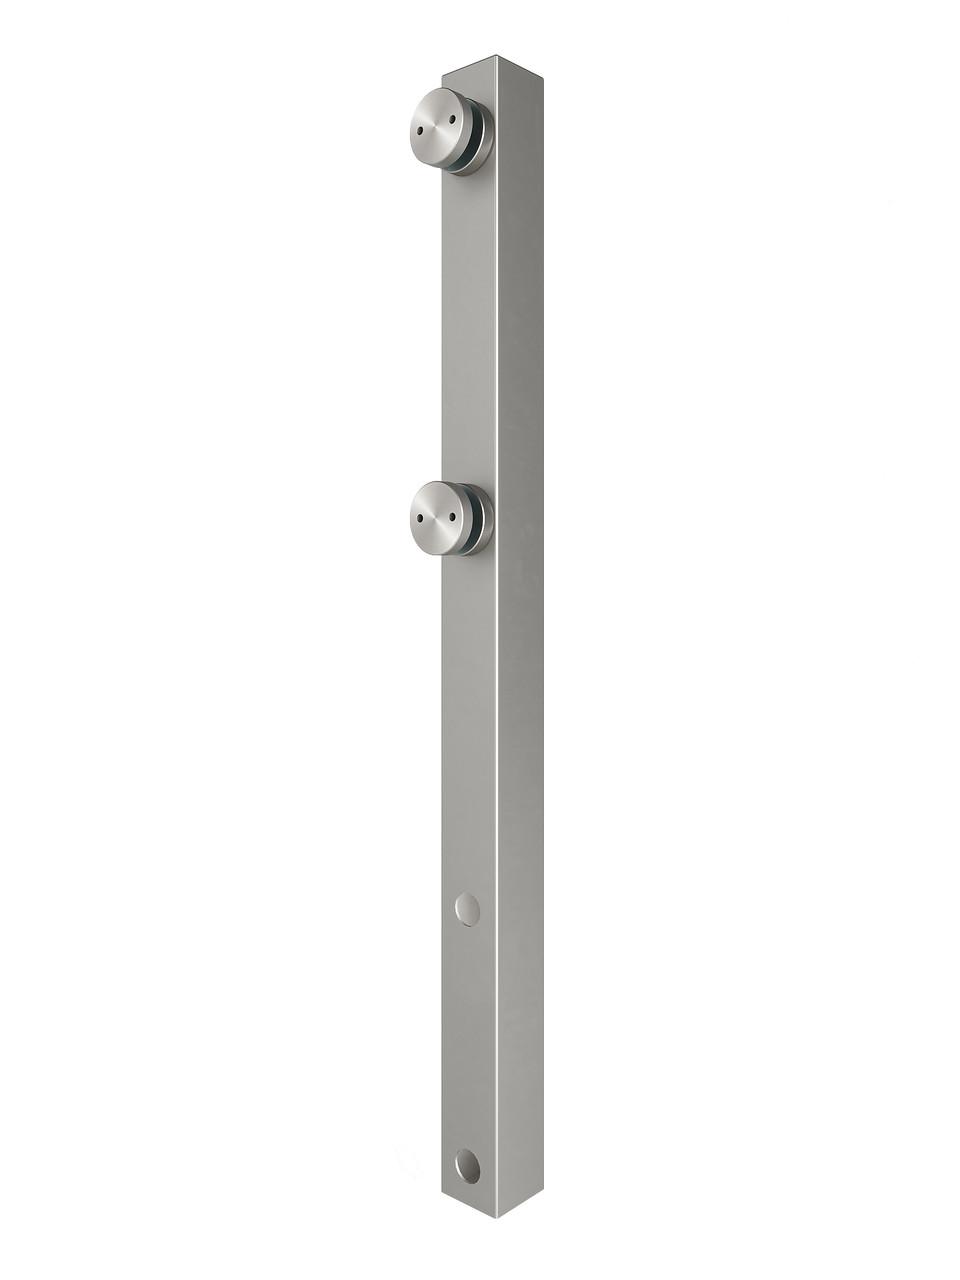 ODF-02-11-01-H600 Стійка для скляних огорож та поручнів з скла з боковим кріпленням і коннекторами, саті